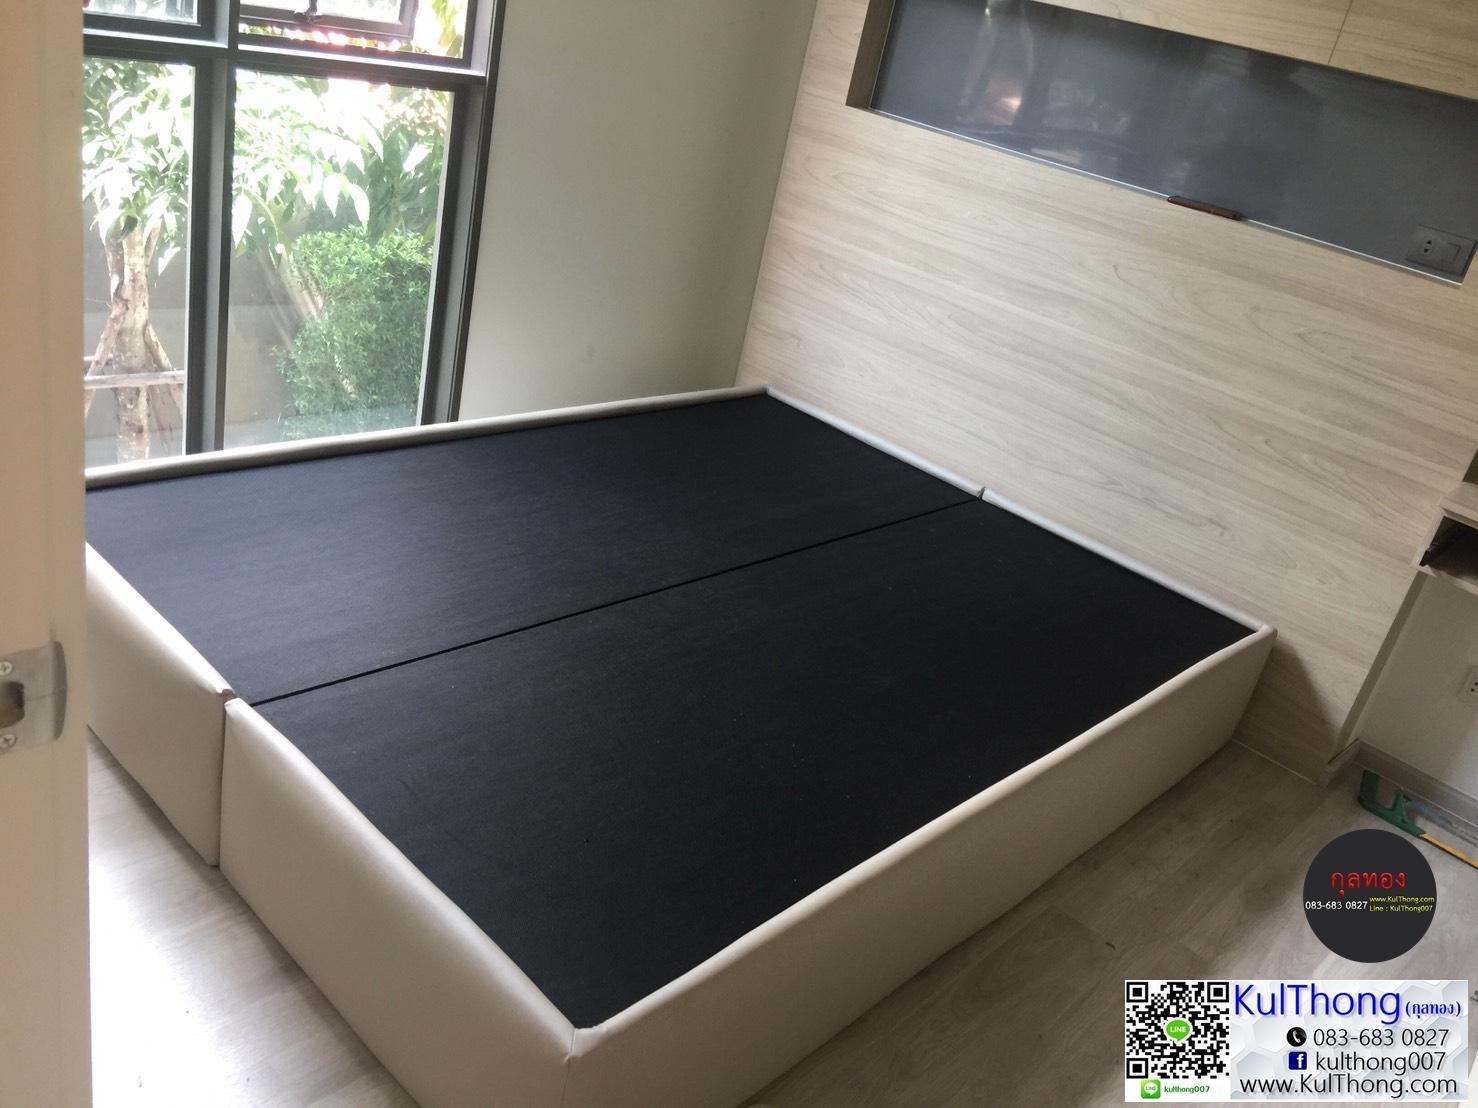 เตียงหุ้มหนัง Bed-One ฐานรองที่นอน เตียงบล๊อก